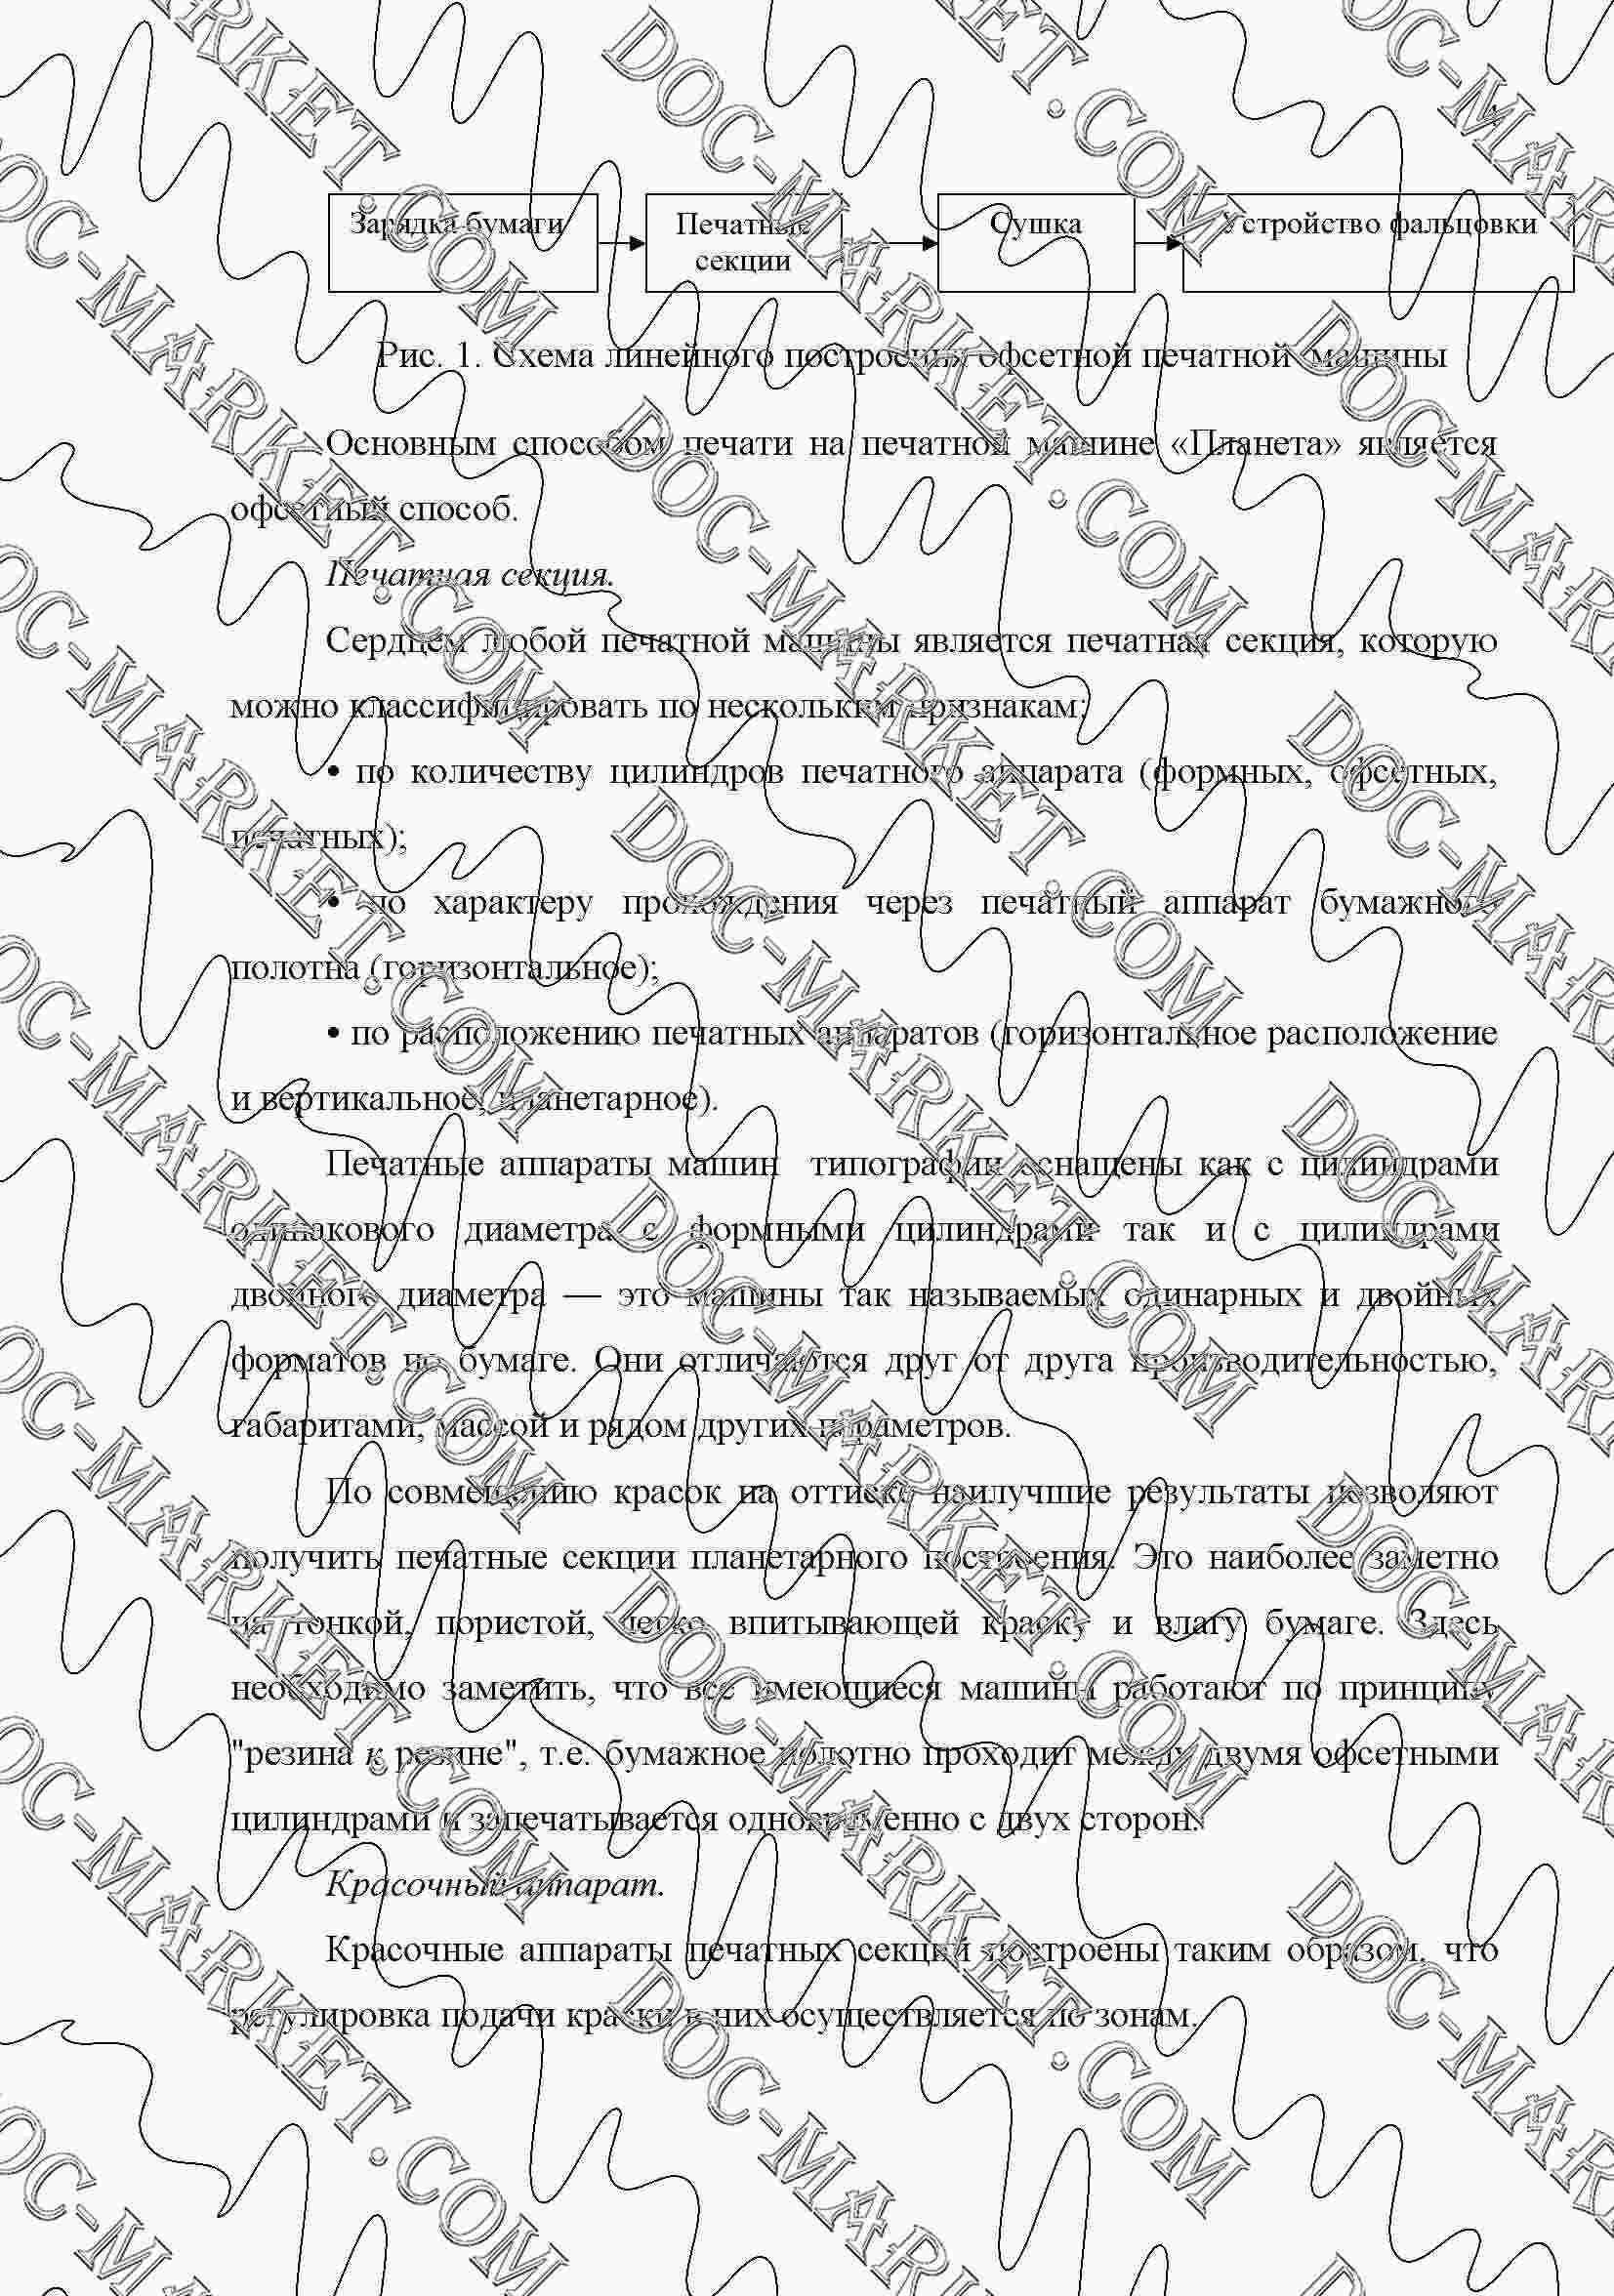 Другая отчет о практике в типографии посмотреть по предмету  отчет по производственной практике на типографии